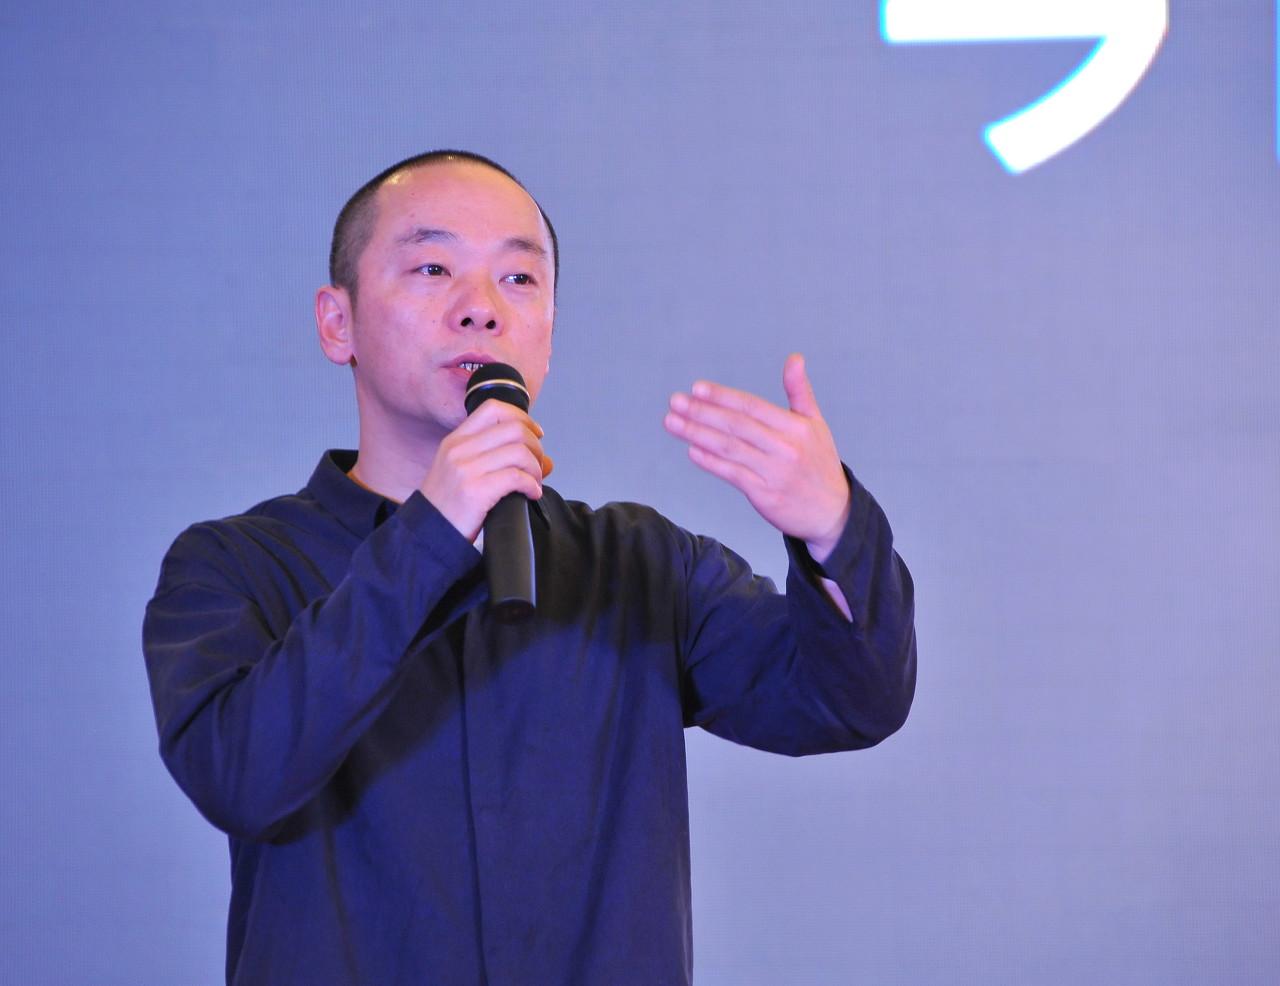 暴风集团:冯鑫因涉嫌犯罪被公安机关采取强制措施